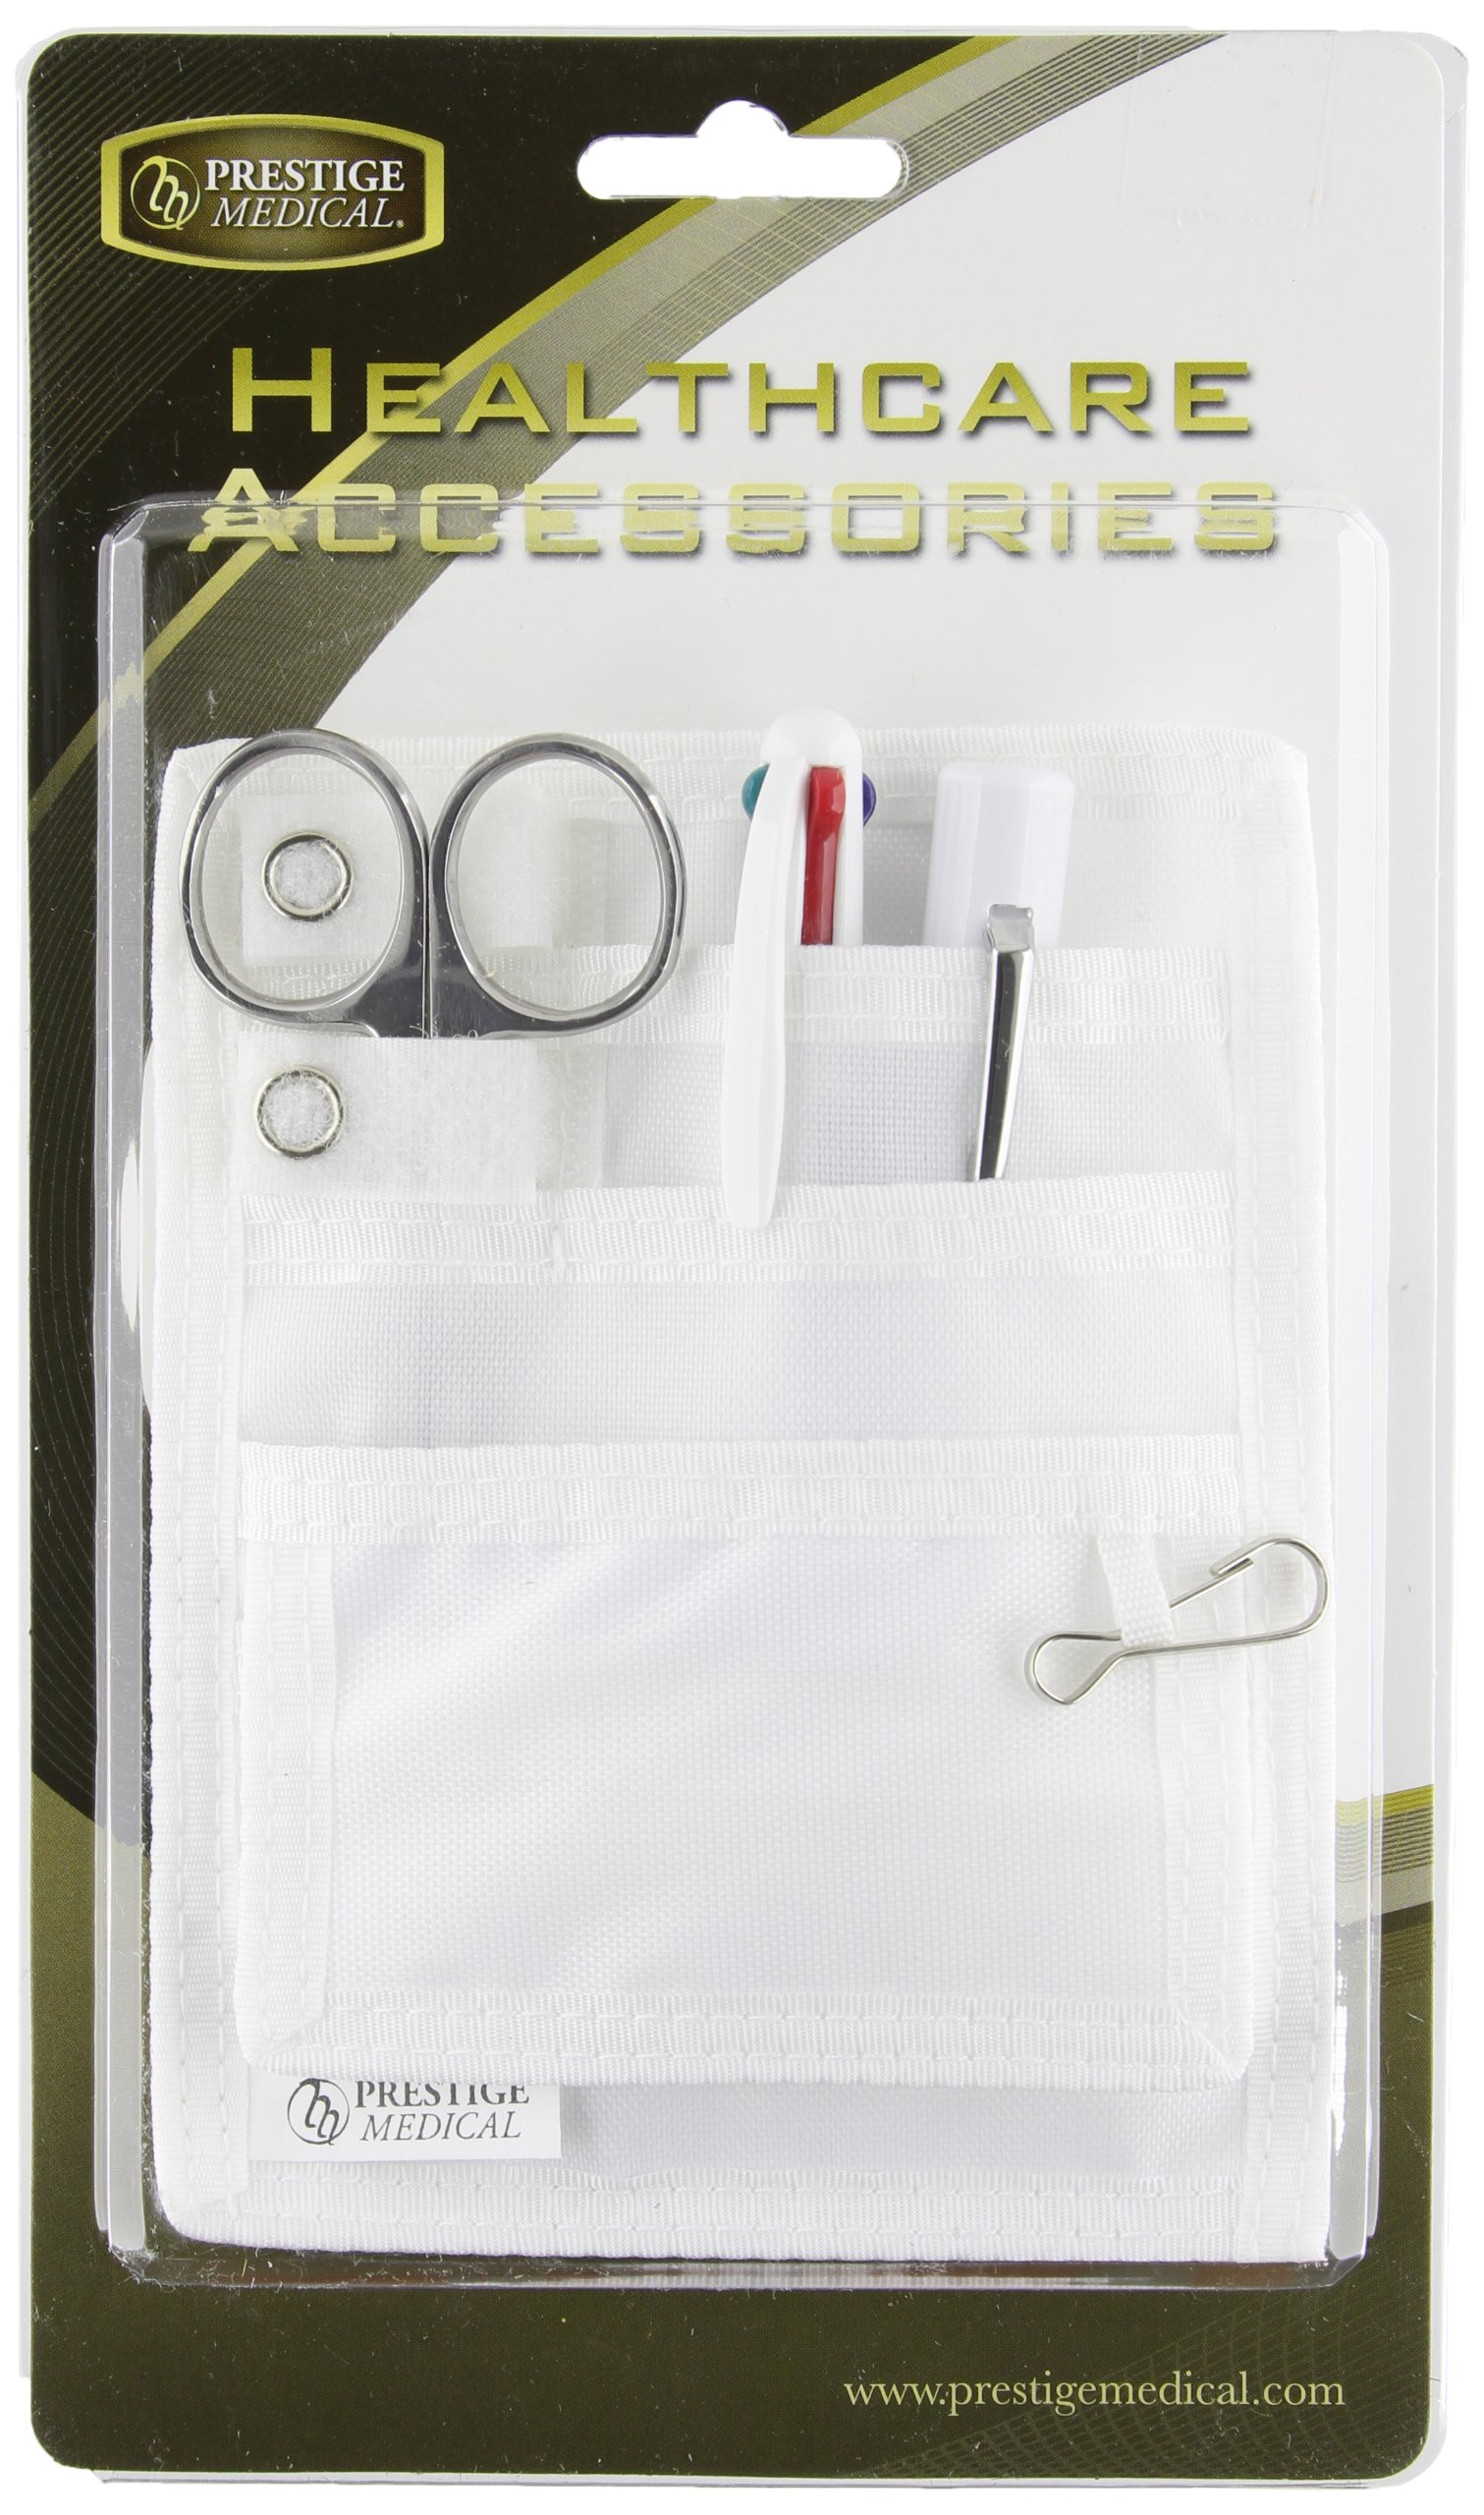 Prestige Medical Nurse Belt Loop Organizer Pal Kit - White by Prestige Medical (Image #1)